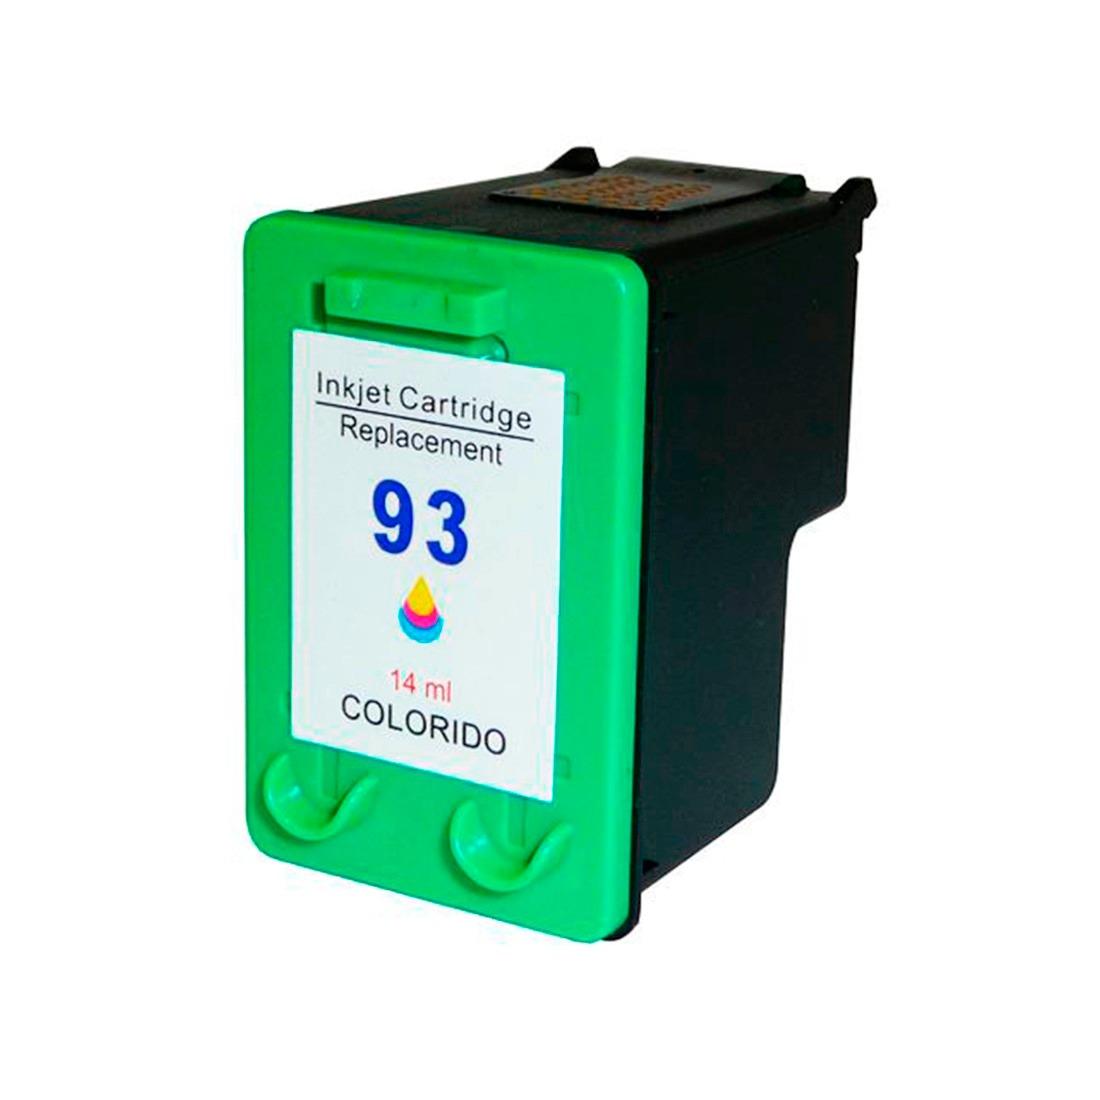 Cartucho de Tinta Compatível HP 93 (9361) Colorido 14-18ml